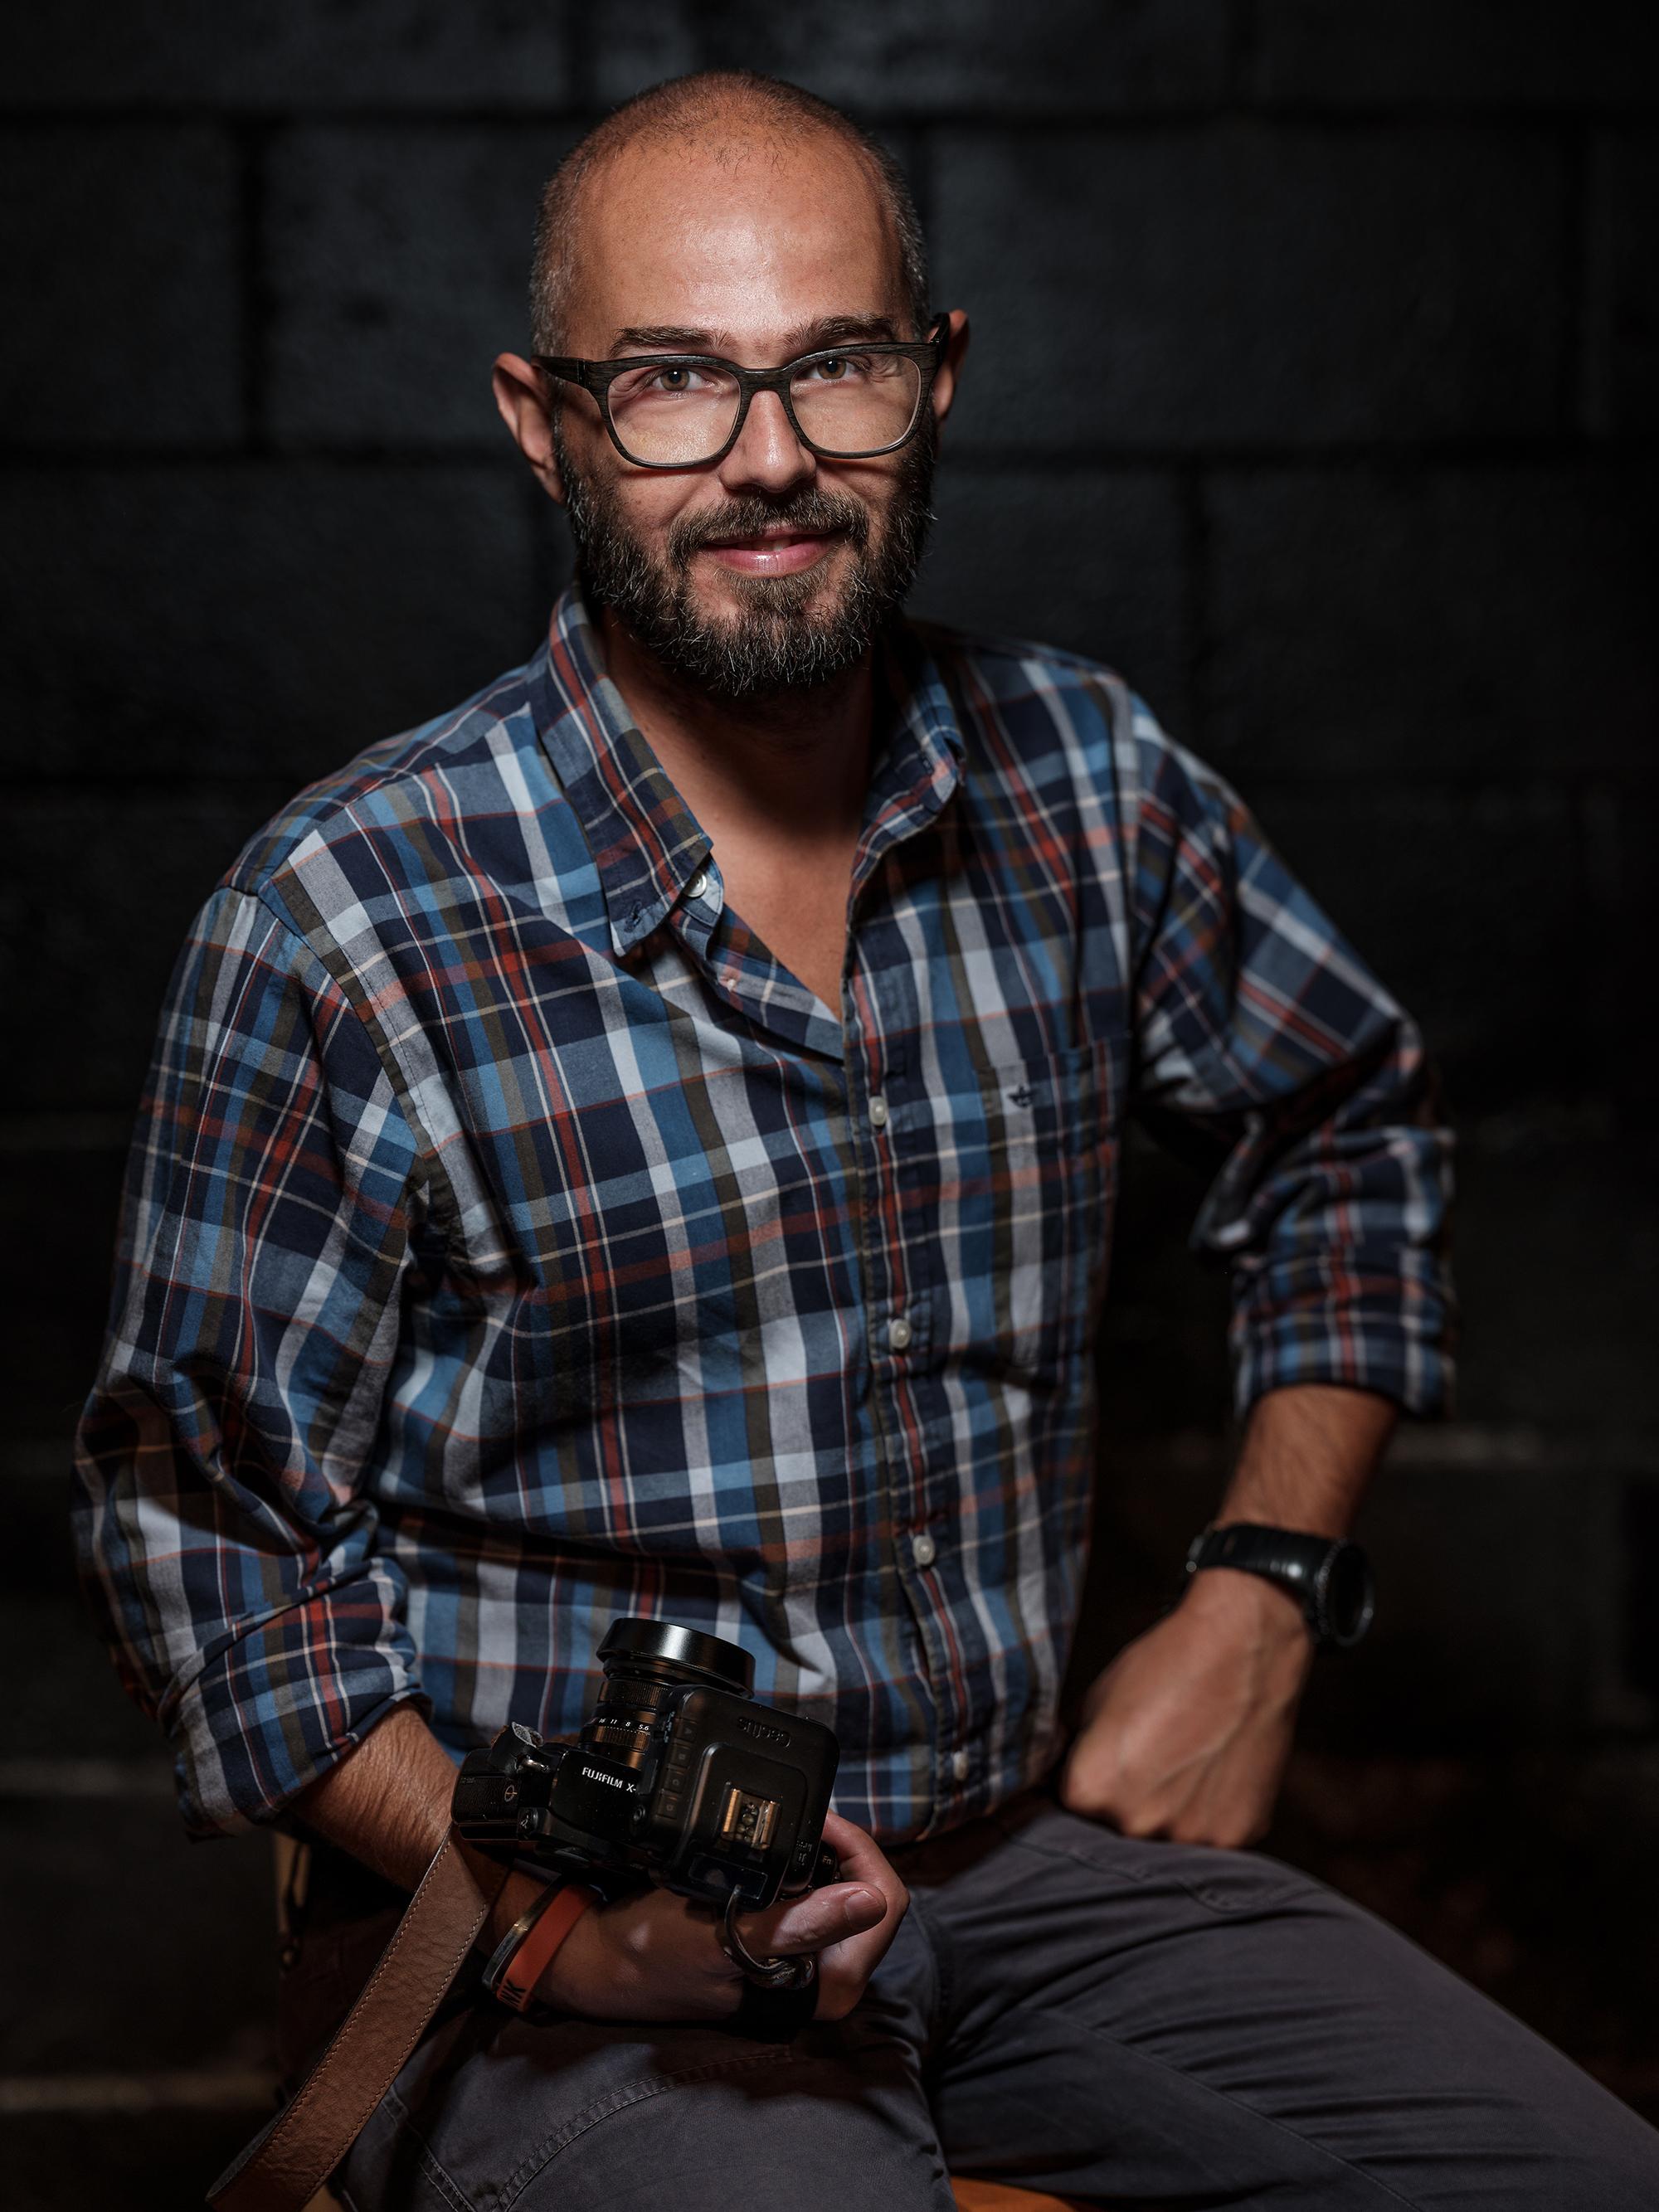 Fotografo professionista dal 2004, ama la fotografia sportiva, è uno dei pochissimi fotografi autorizzati a scattare in volo su aerei militari. Viaggiare per lui è più che una passione: dal reportage sociale alla fotografia industriale, nella vita semplicemente non potrebbe far altro che raccontare storie attraverso le sue immagini.Fujifilm X-Photographer, TESTIMONIAL PER CACTUS . E' l'uomo del movimento. - SIMONE RASO